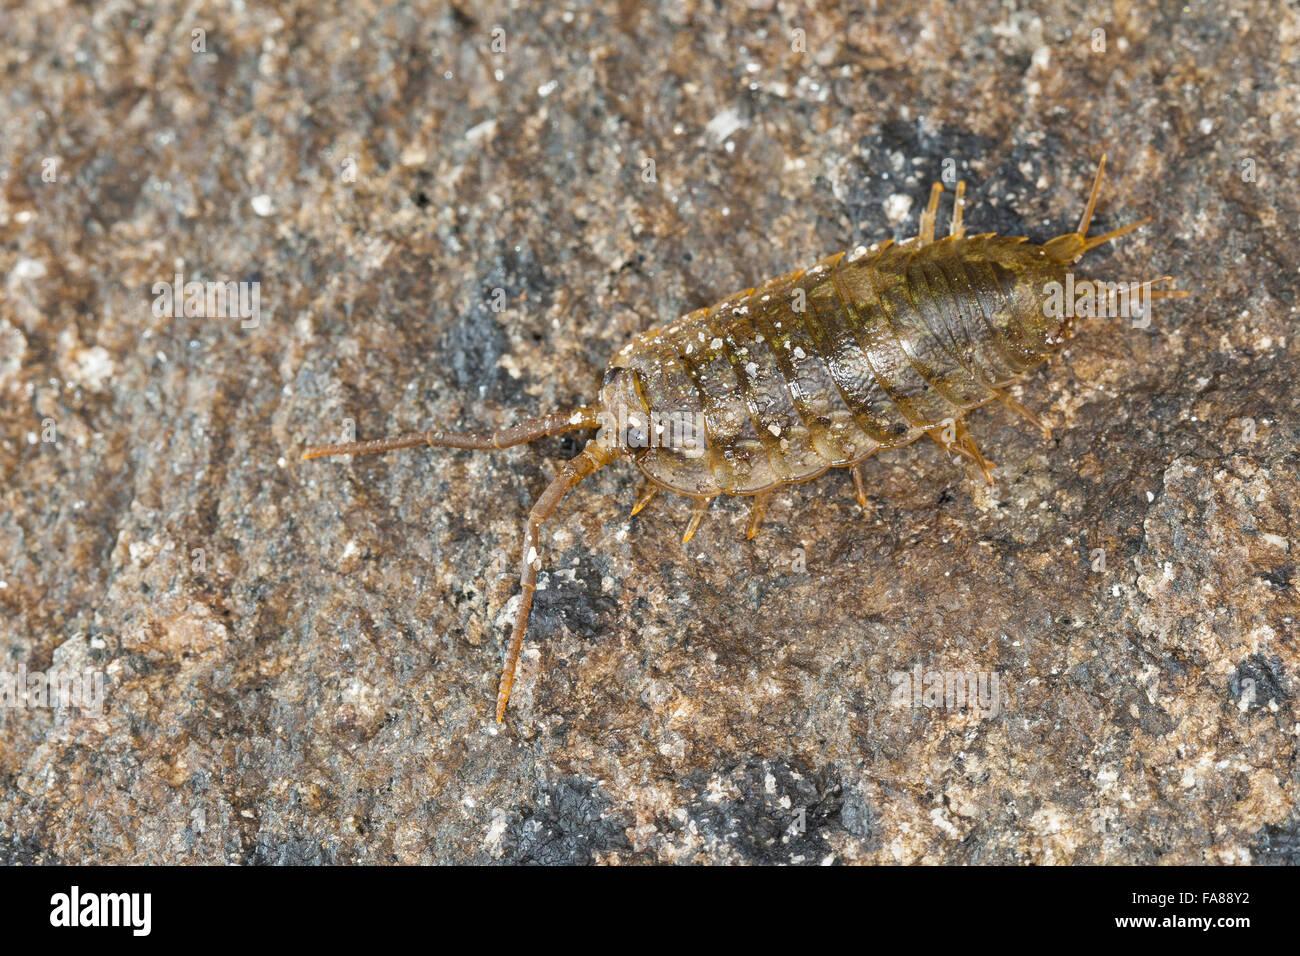 Mer commune, Slater Roach, mer, littoral, Klippenassel Meeres-Klippenassel cloporte, Meeresassel Meerassel,, Ligia Photo Stock